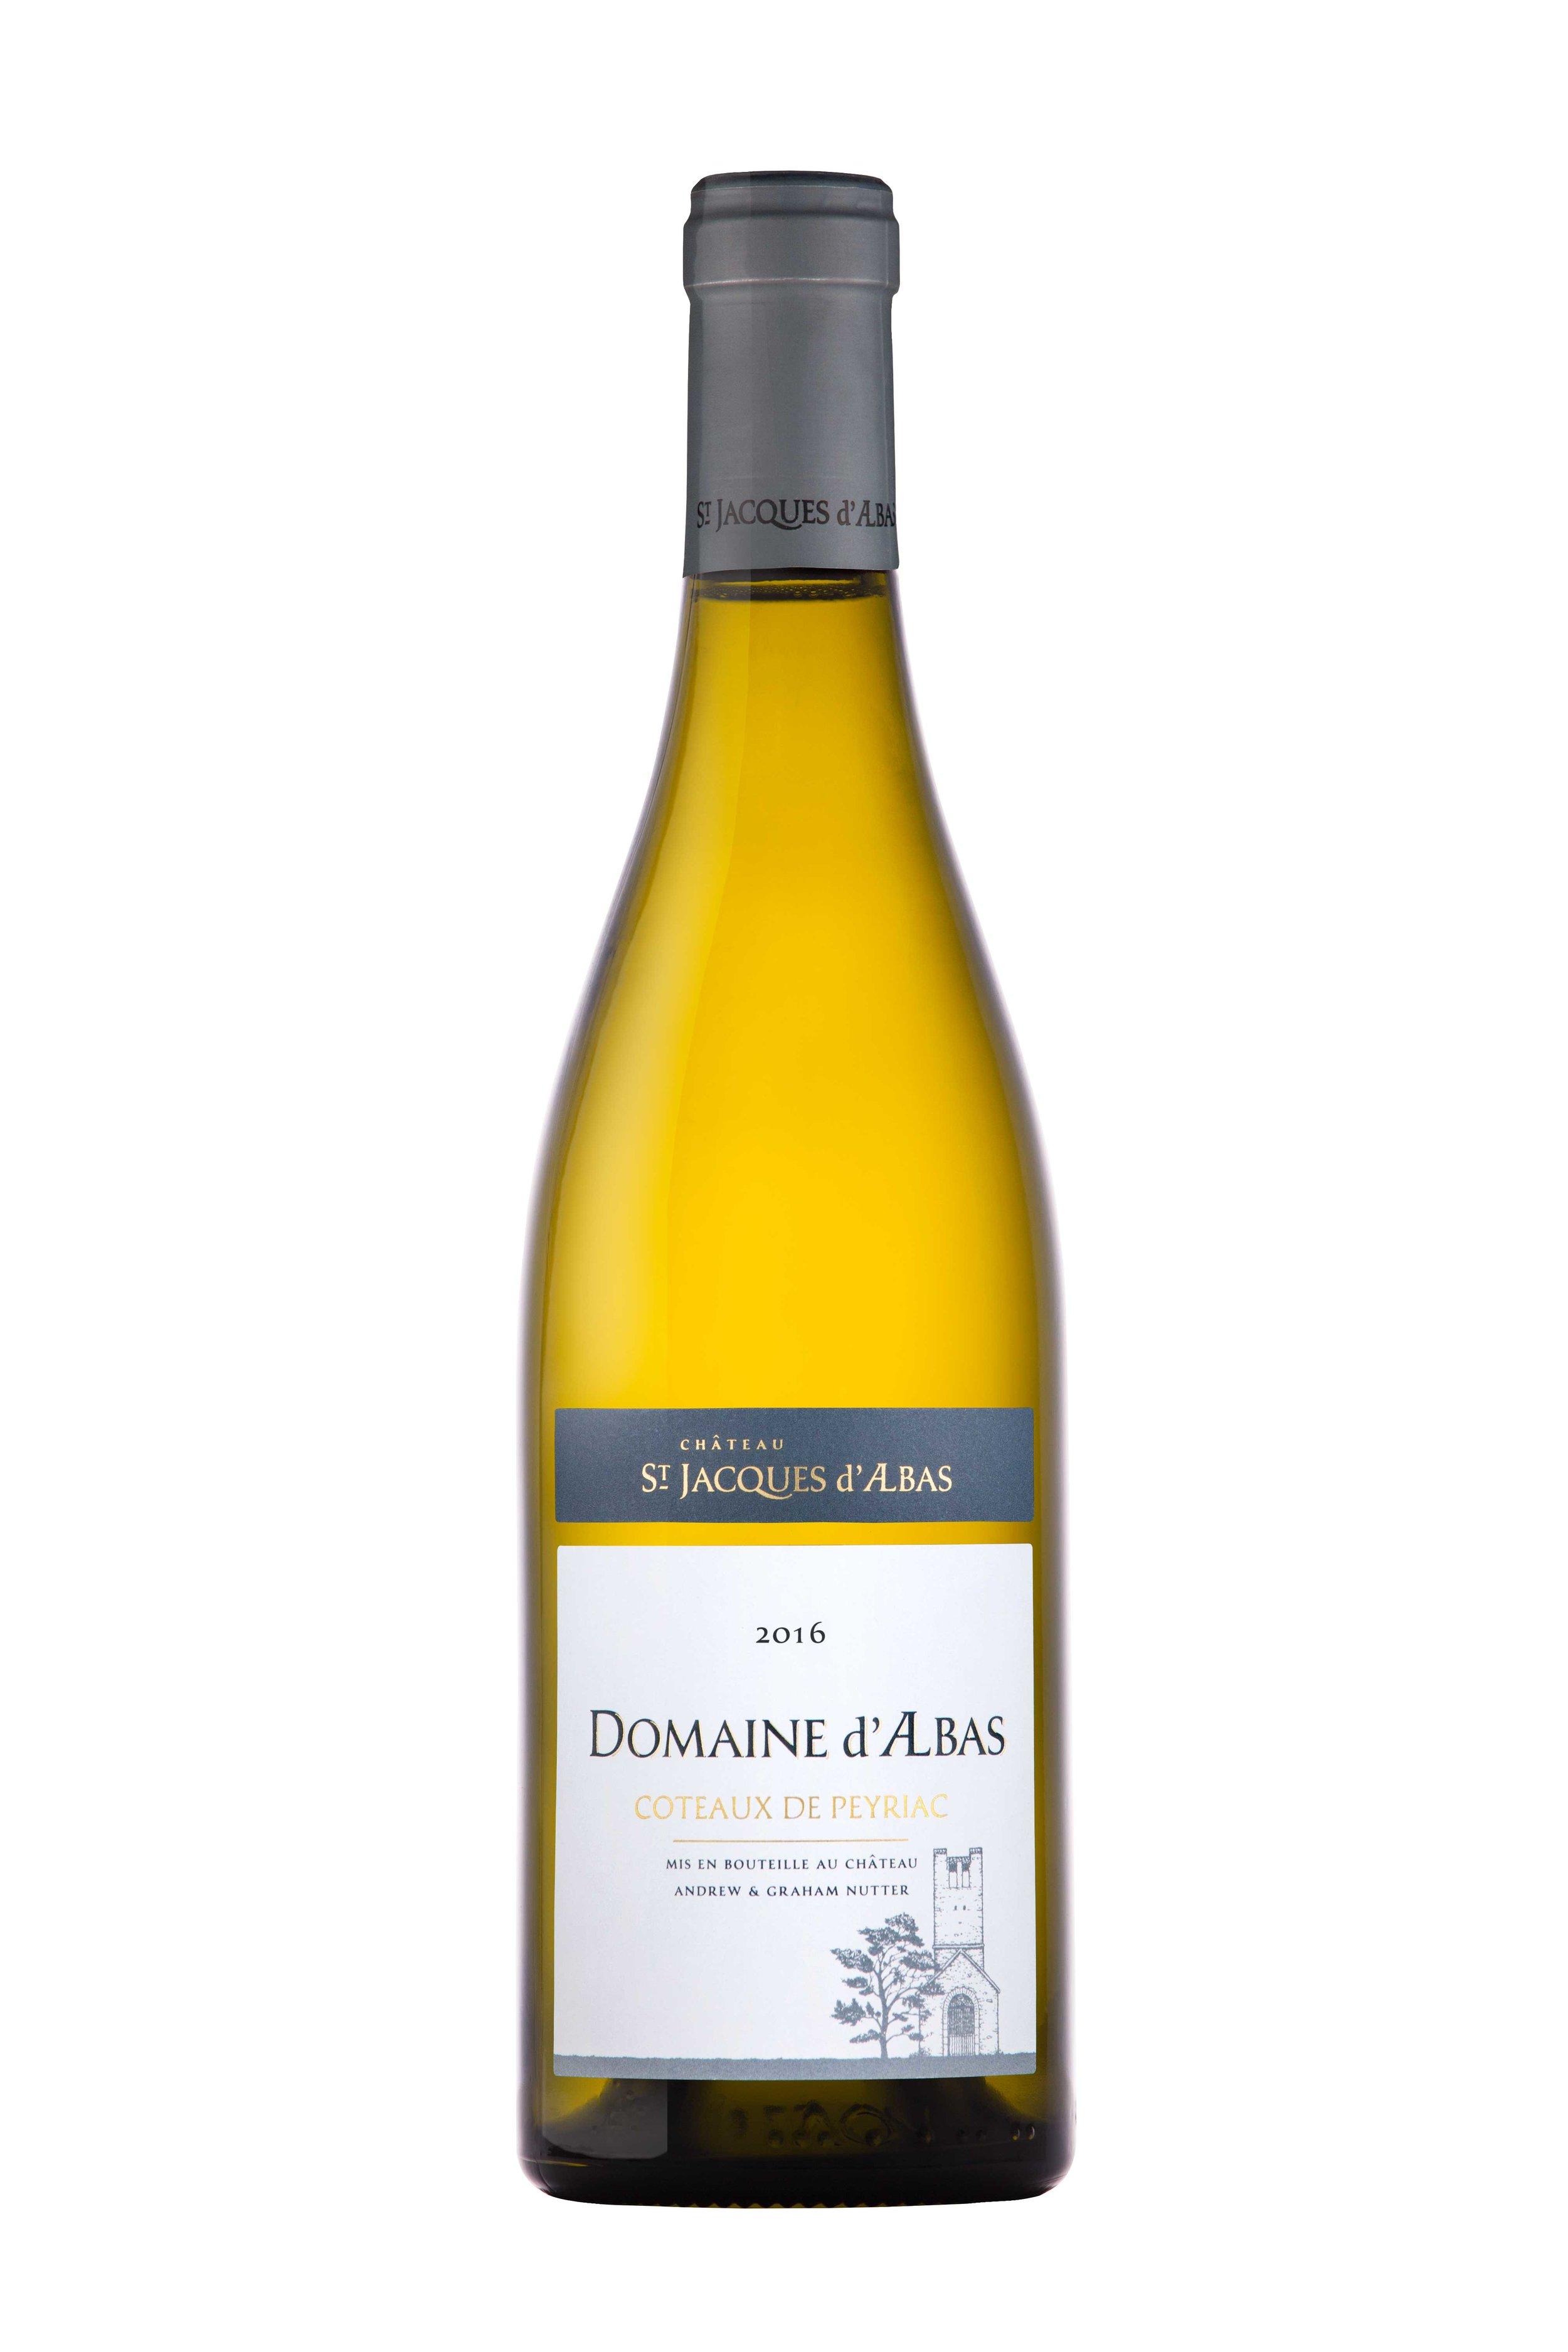 Domaine white bottle photo - Chateau St. Jacques